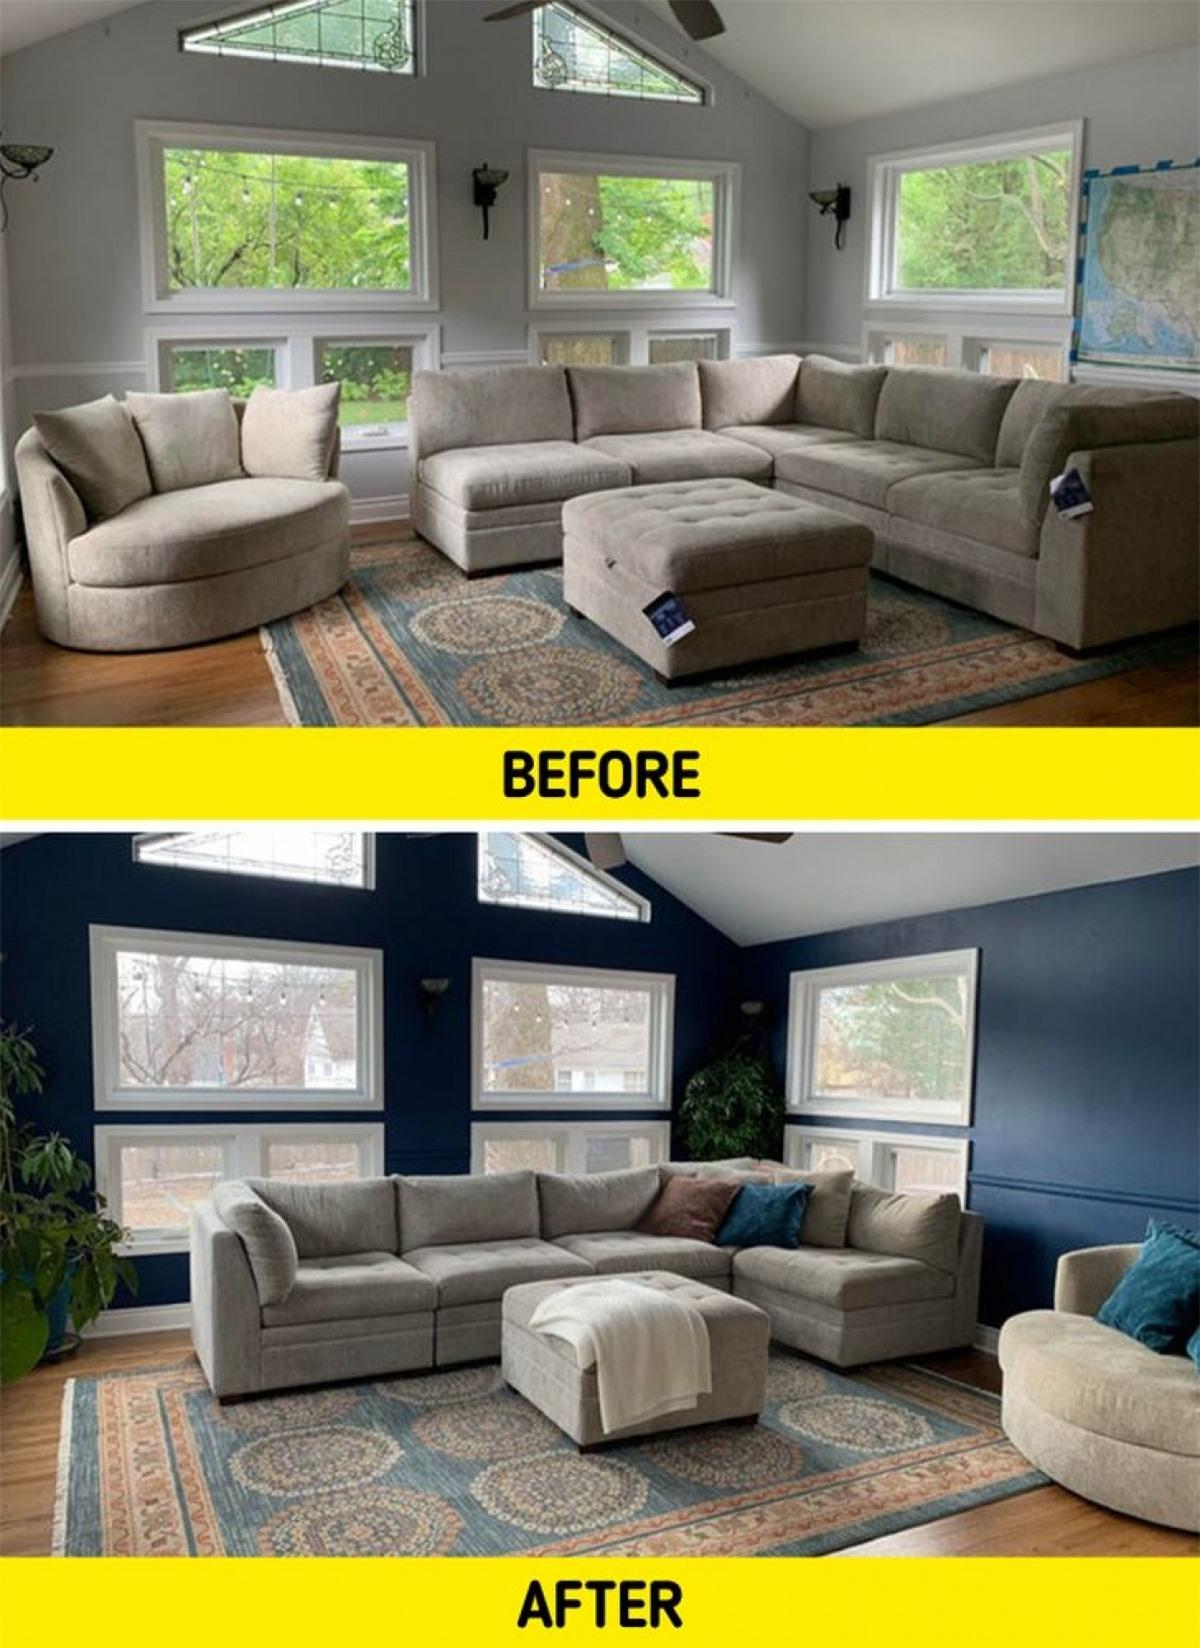 Màu sơn tường và bộ ghế sofa ở tấm hình 1 hòa lẫn với nhau khiến căn phòng tẻ nhạt. Sau khi được thay đổi diện mạo, căn phòng đã đầy sức sống.